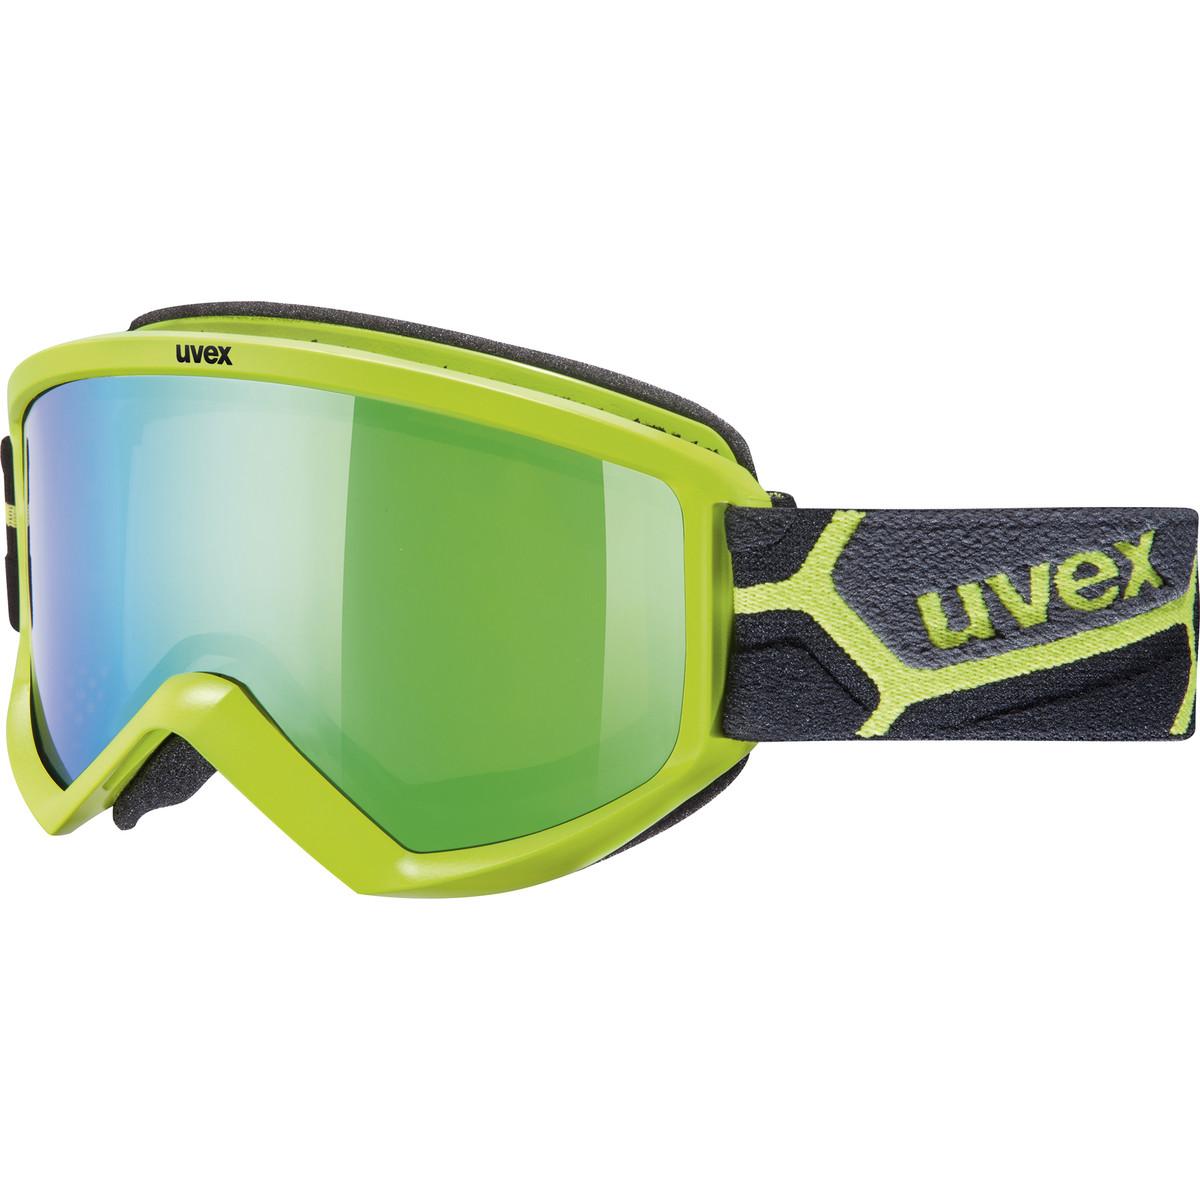 Uvex Fire Lite Mirror Goggle